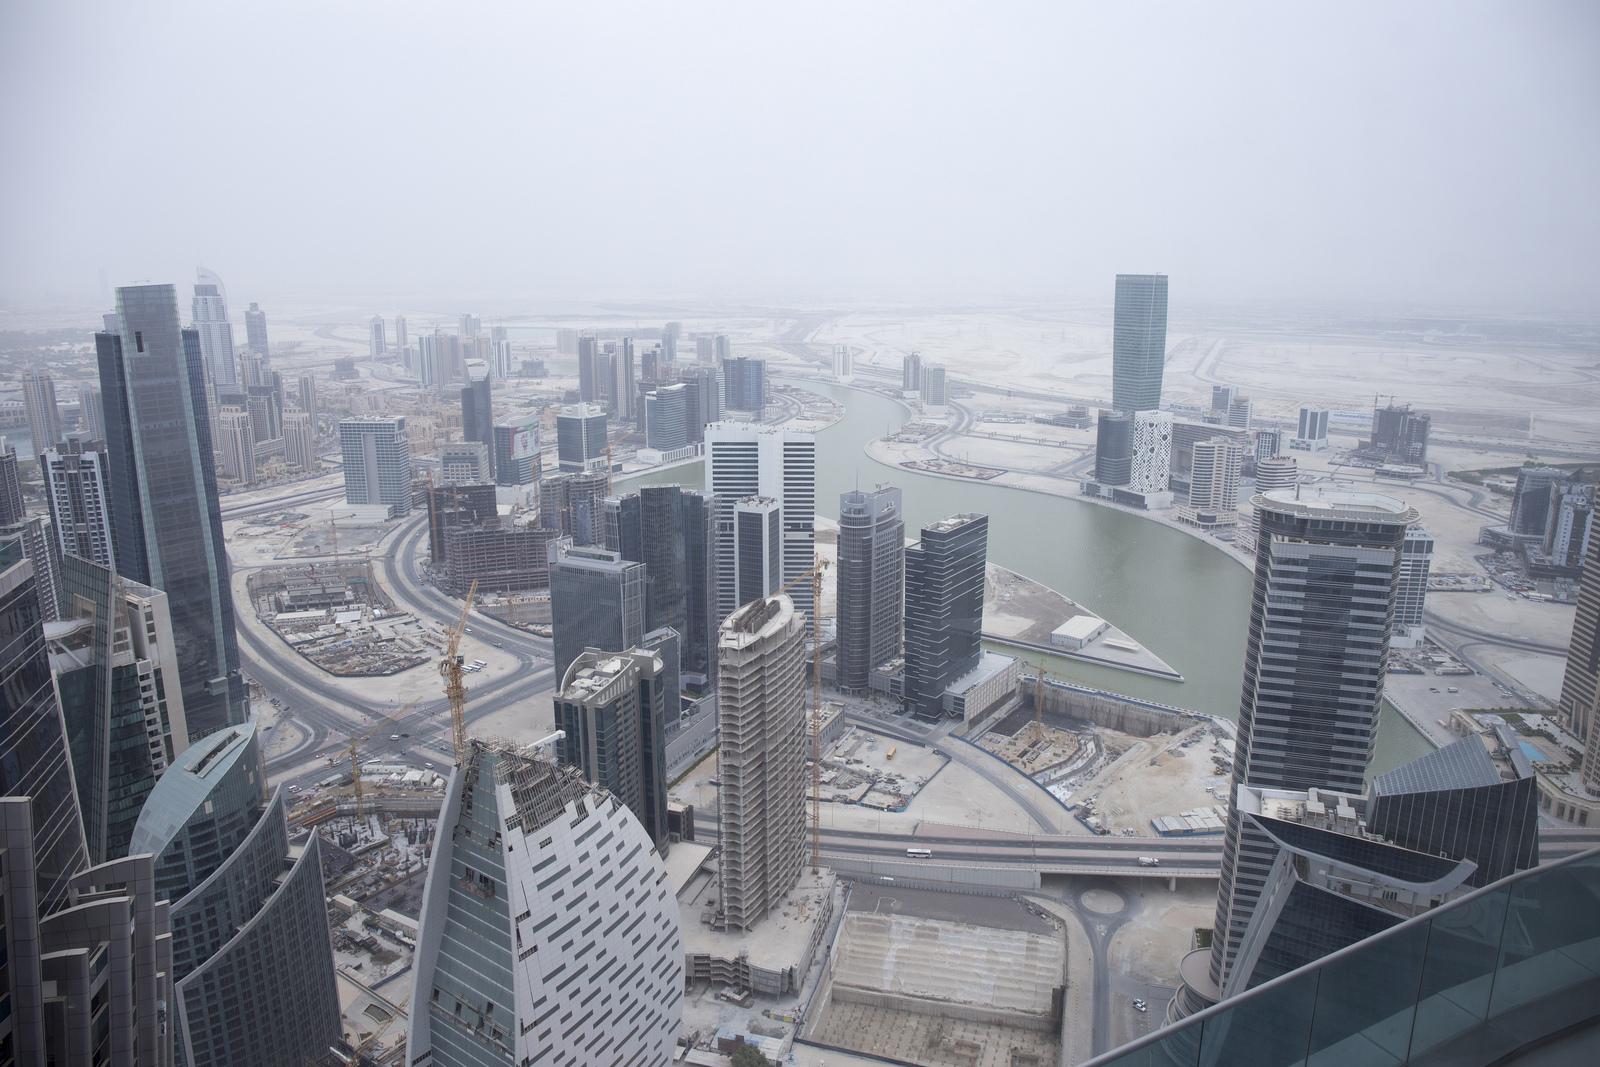 Es opciones binarias legales en emiratos árabes unidos